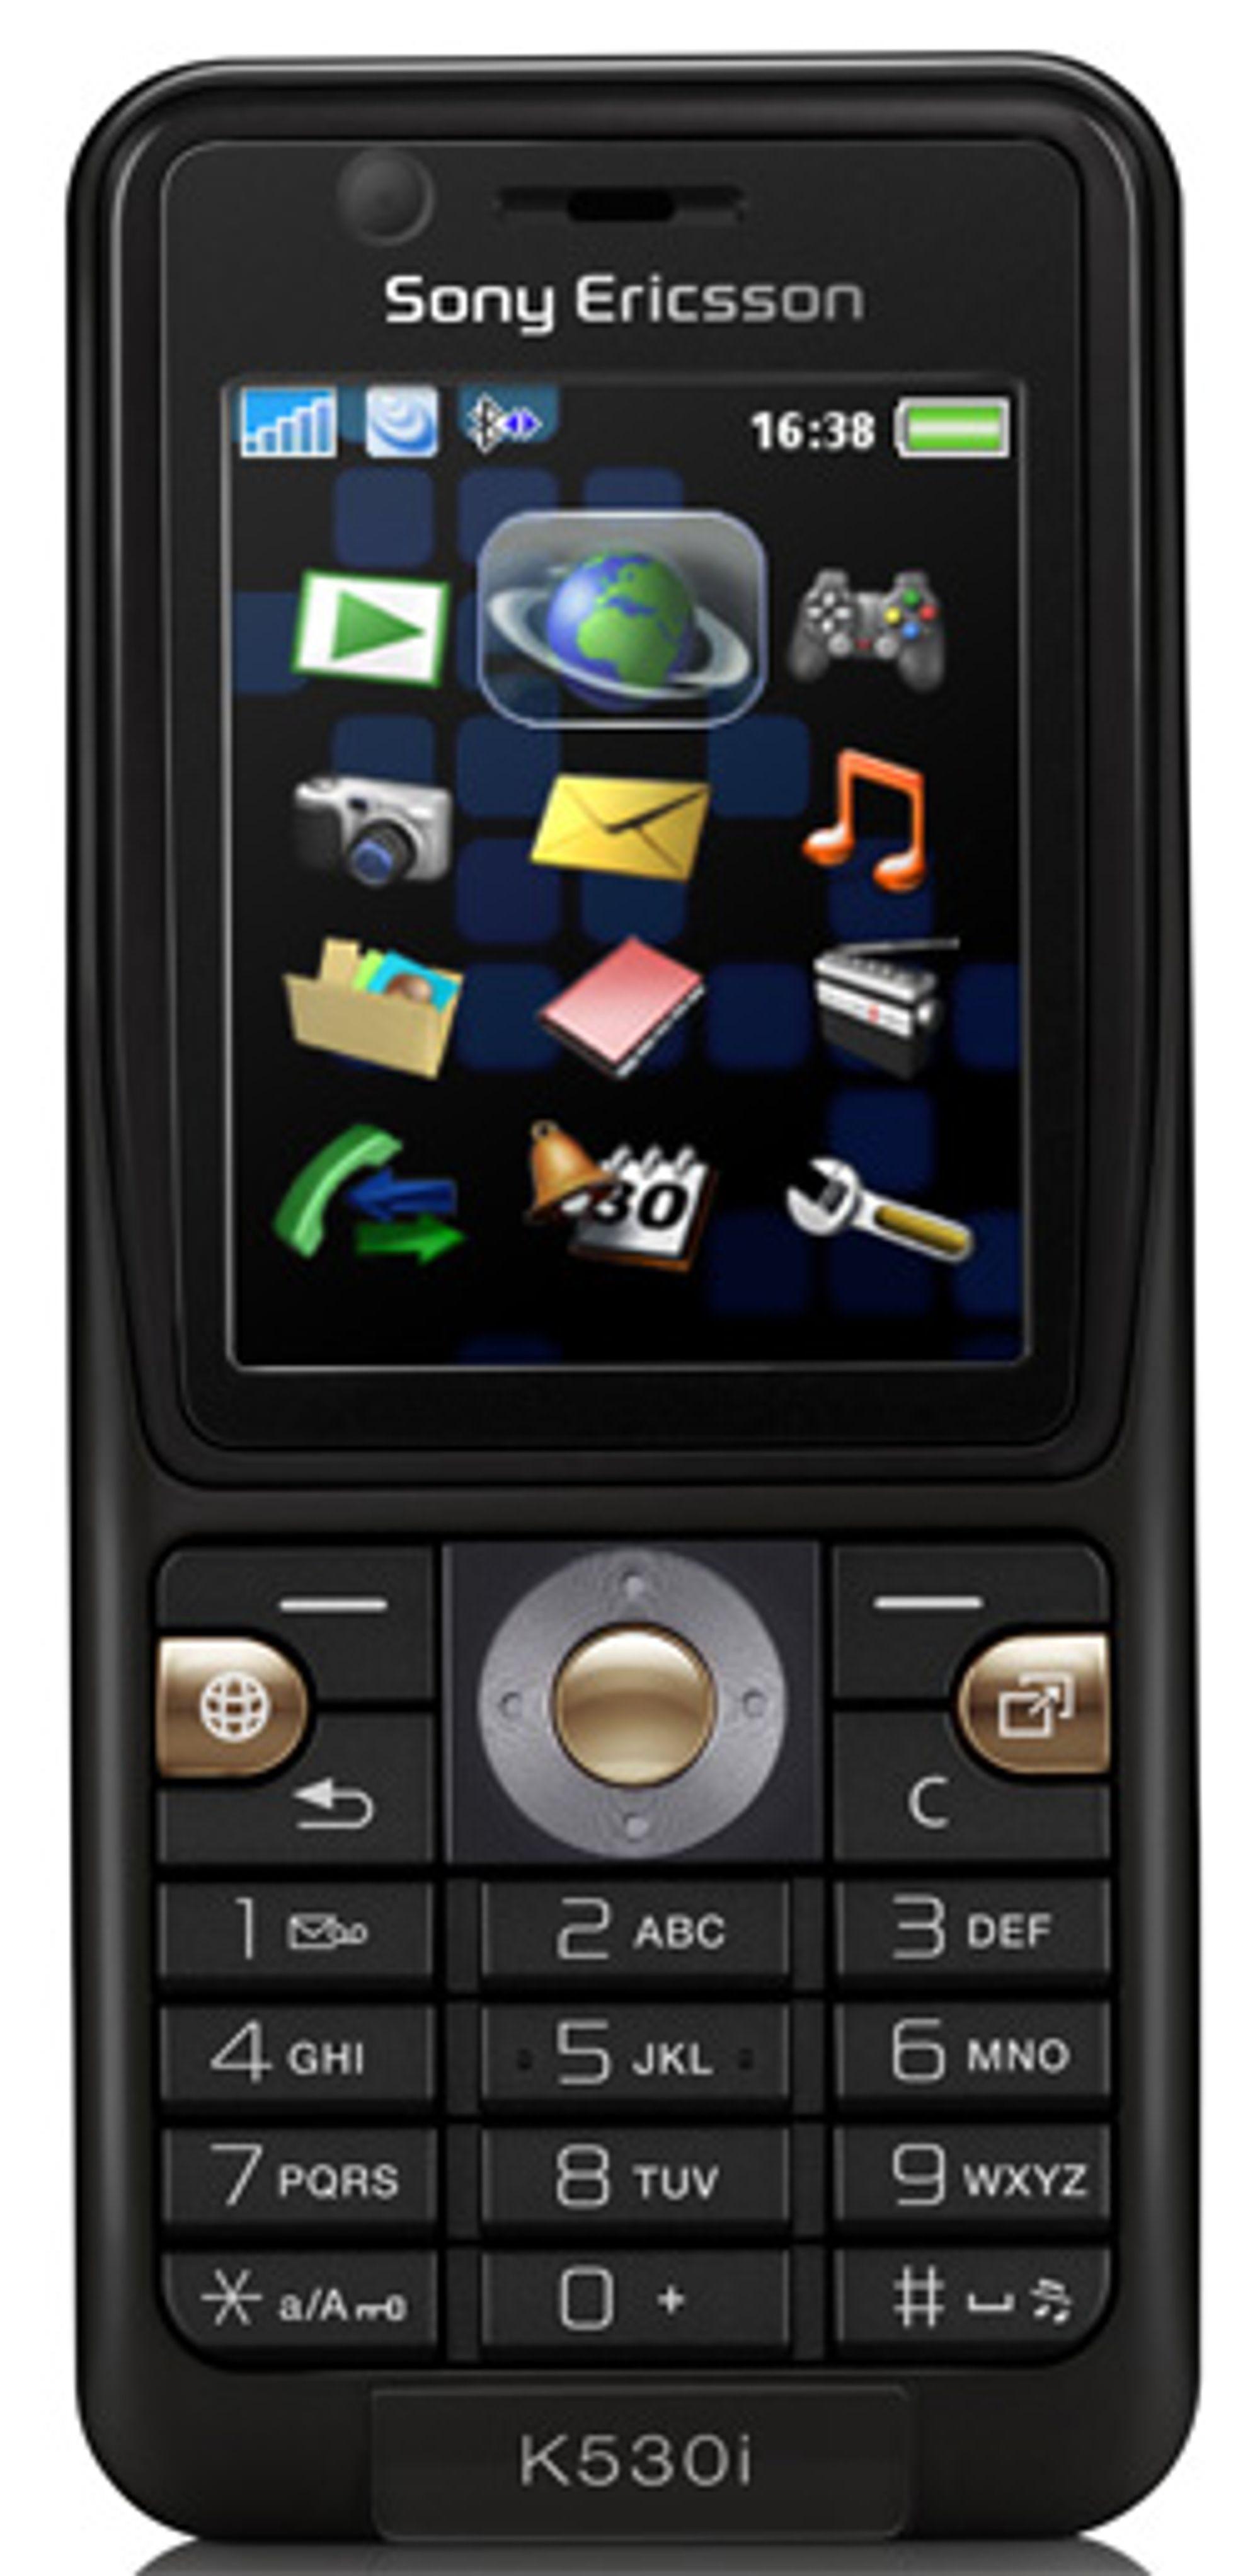 Kommer Wi-fi til enkle Sony Ericsson-mobiler? (Foto: Sony Ericsson)